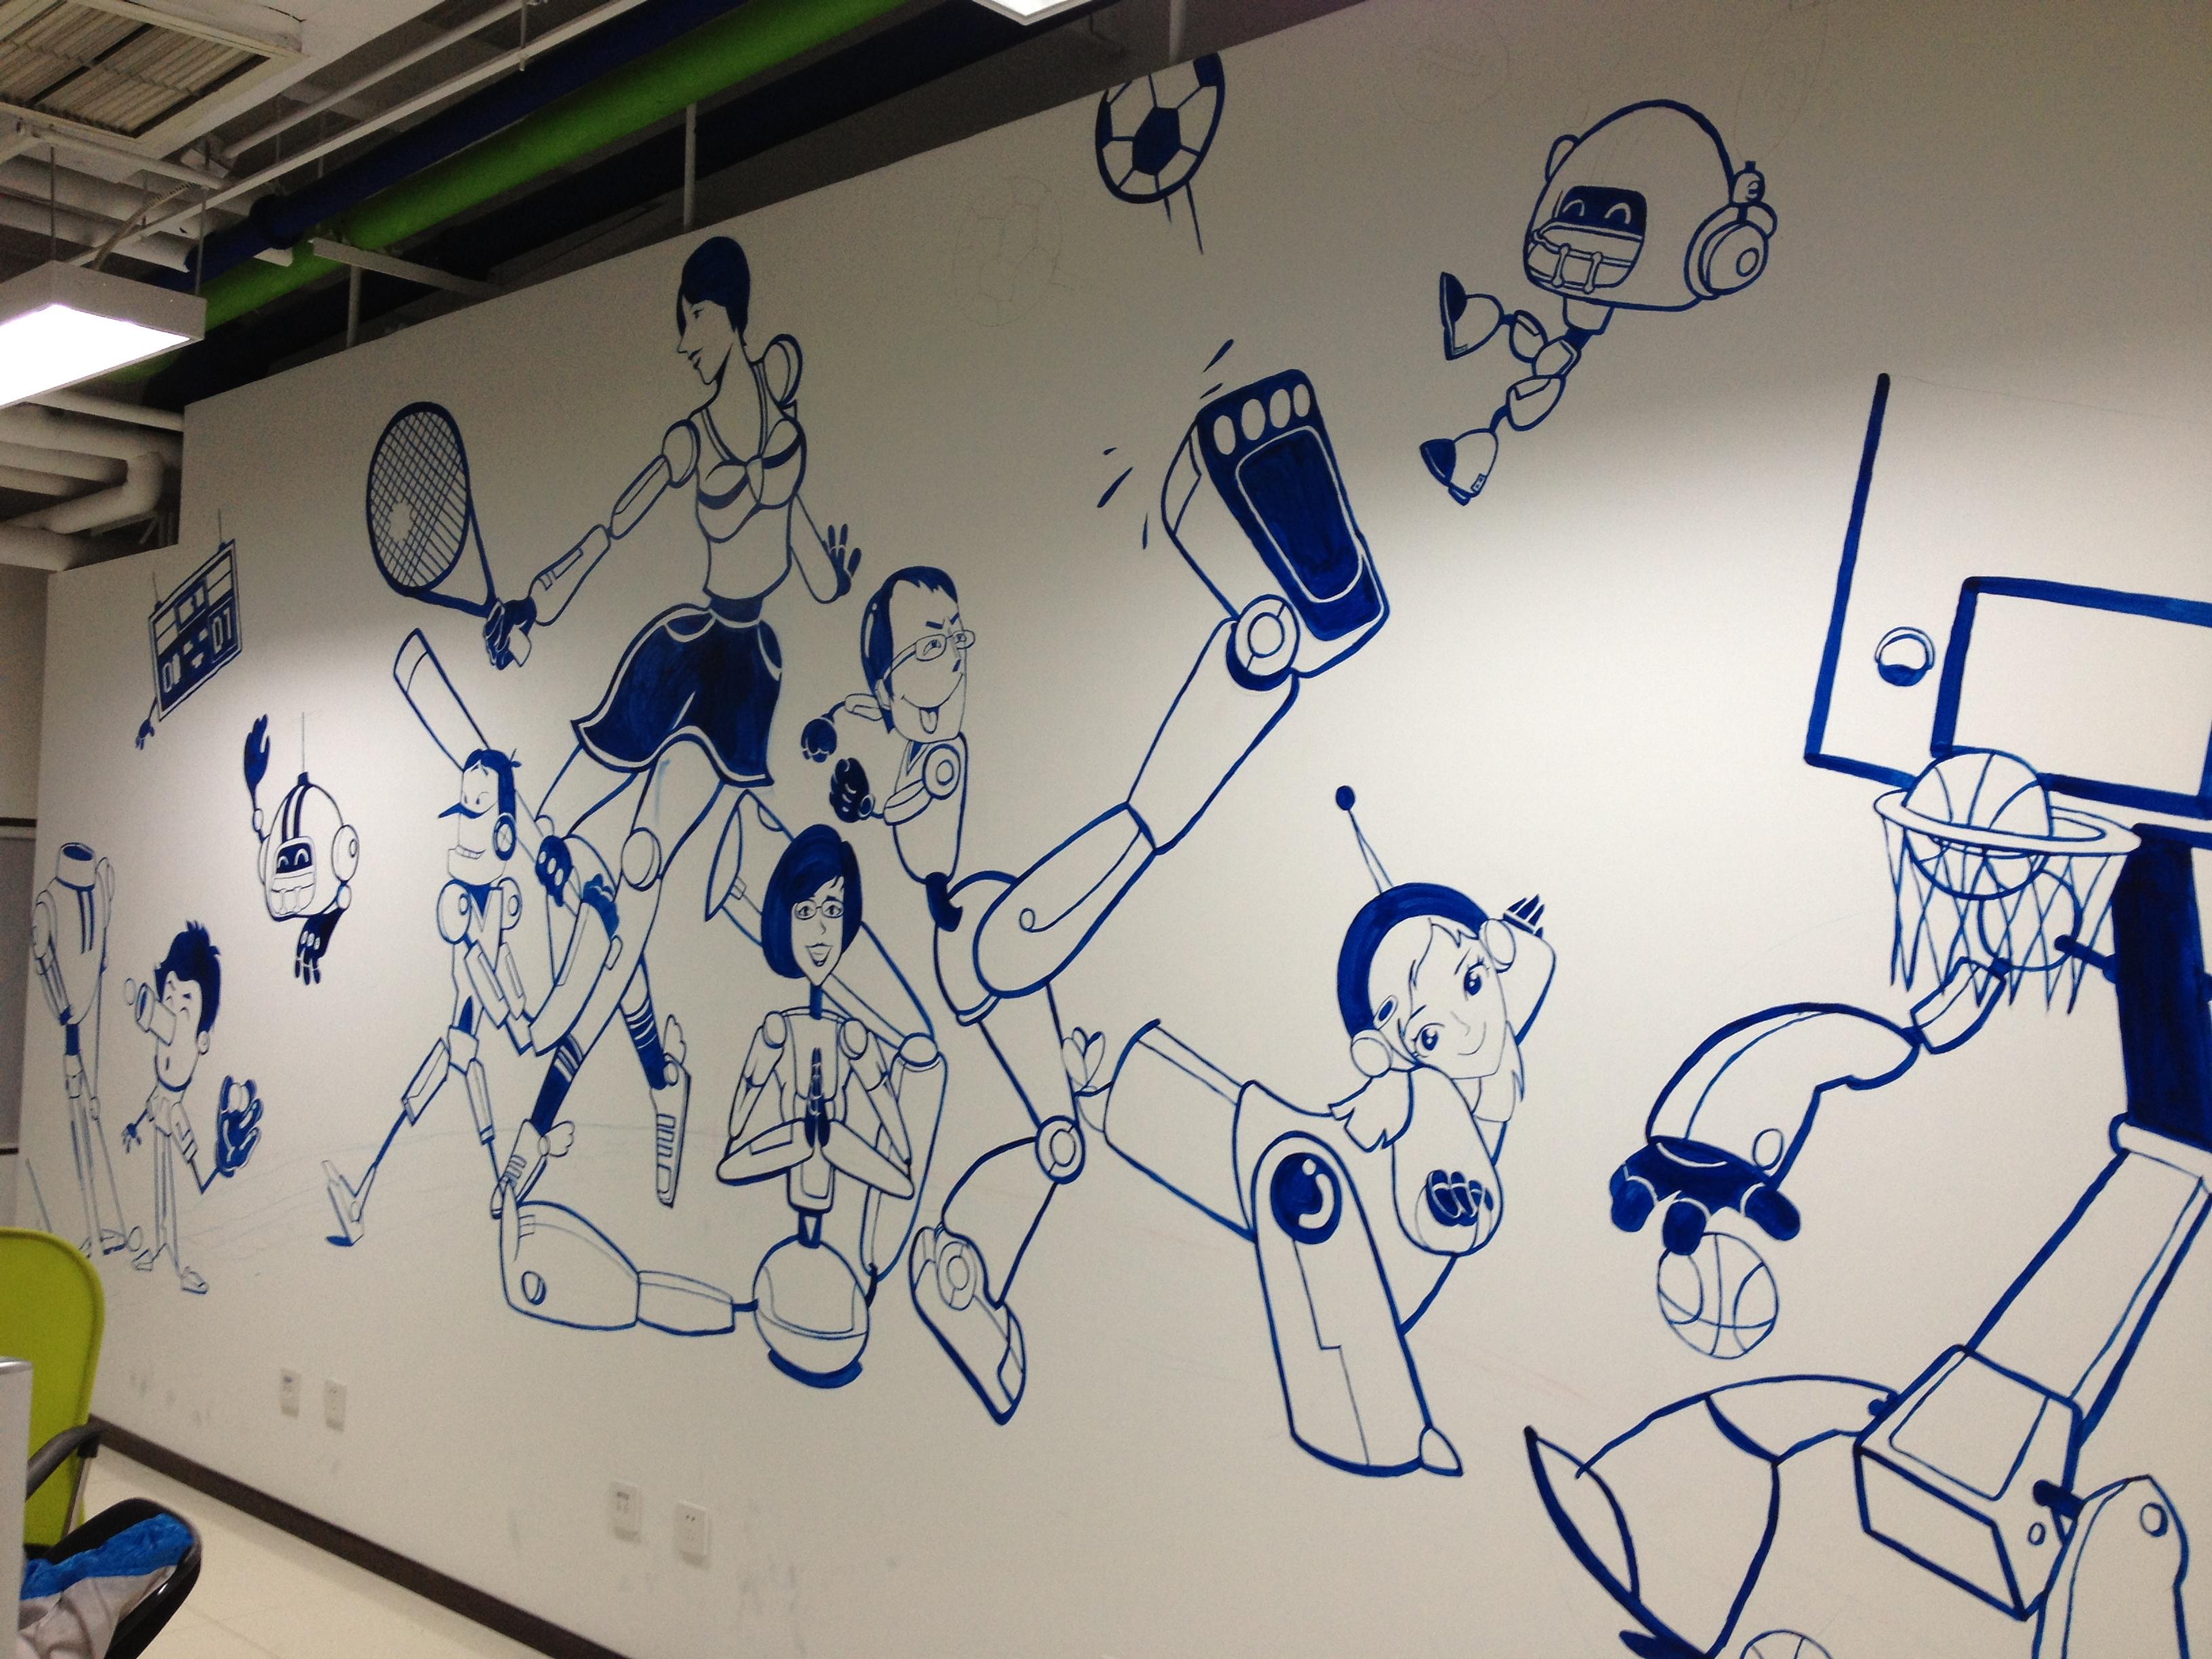 华媒康讯手绘墙|插画|涂鸦/潮流|jzcuj - 原创作品